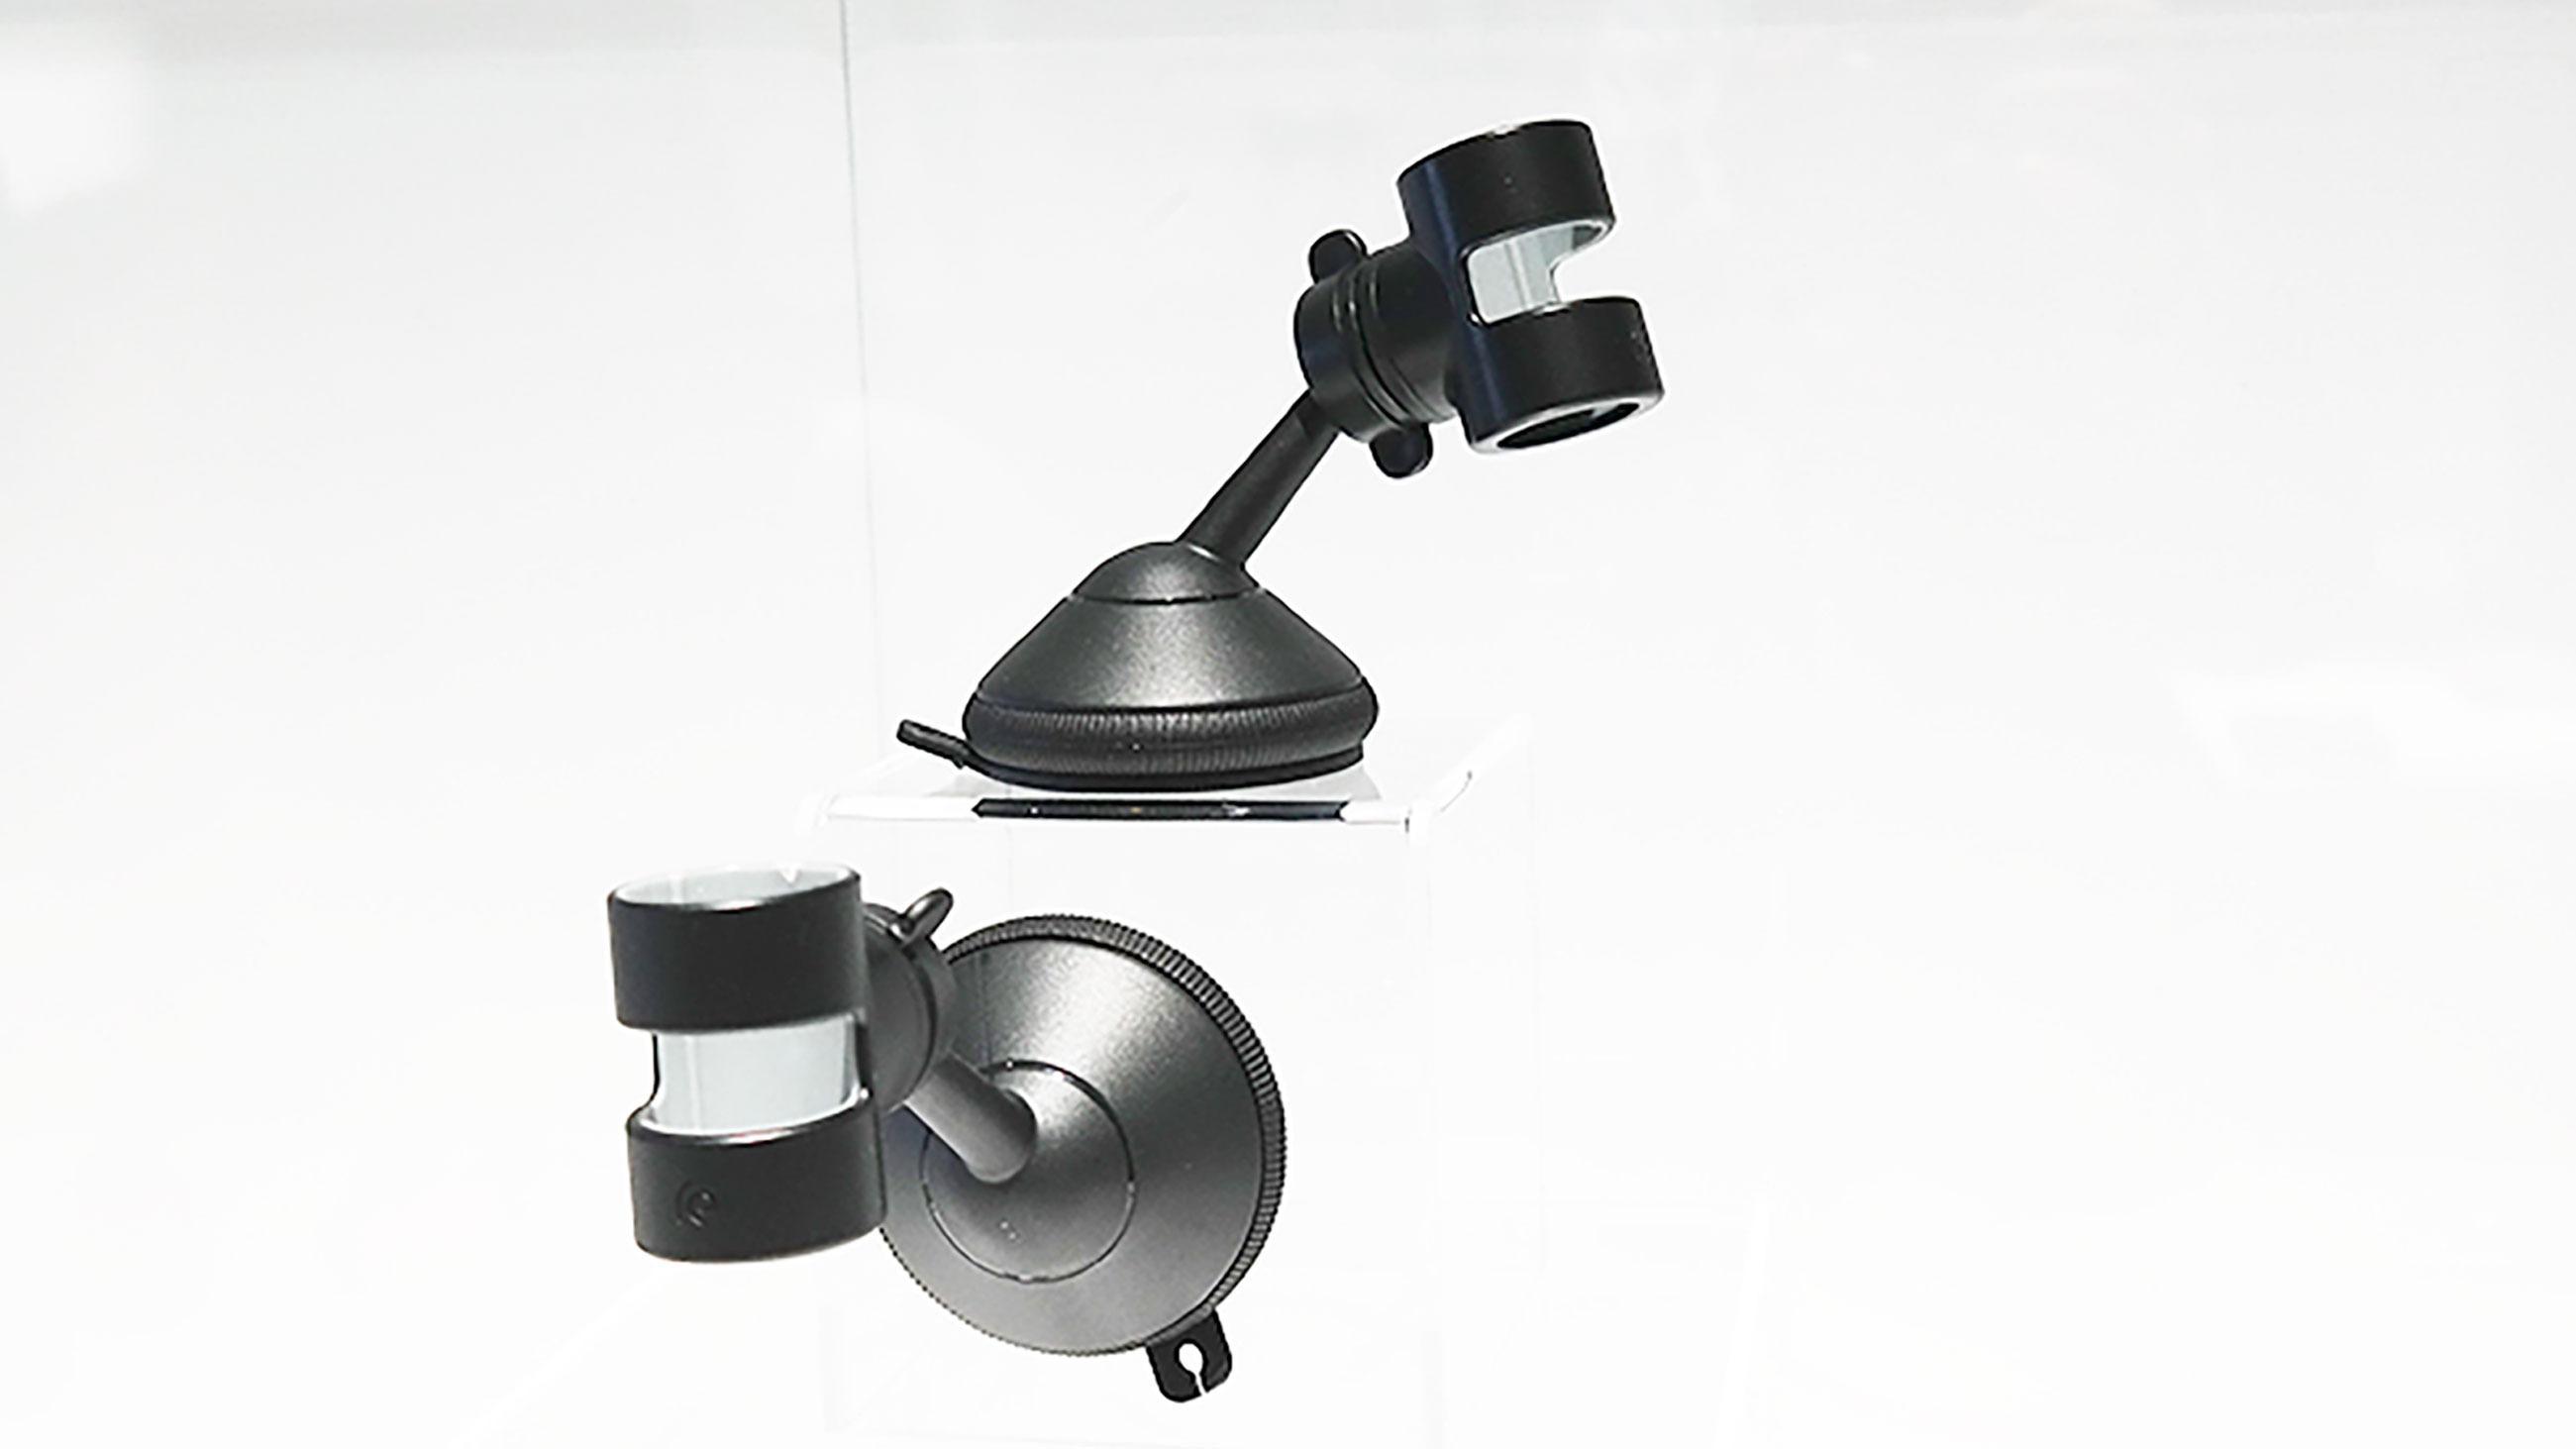 Denne holderen gjør at du kan filme mens du kjører. Det kan for eksempel gi stilige timelaps-videoer, eller brukes til ulike typer dokumentasjon. Foto: Espen Irwing Swang, Tek.no